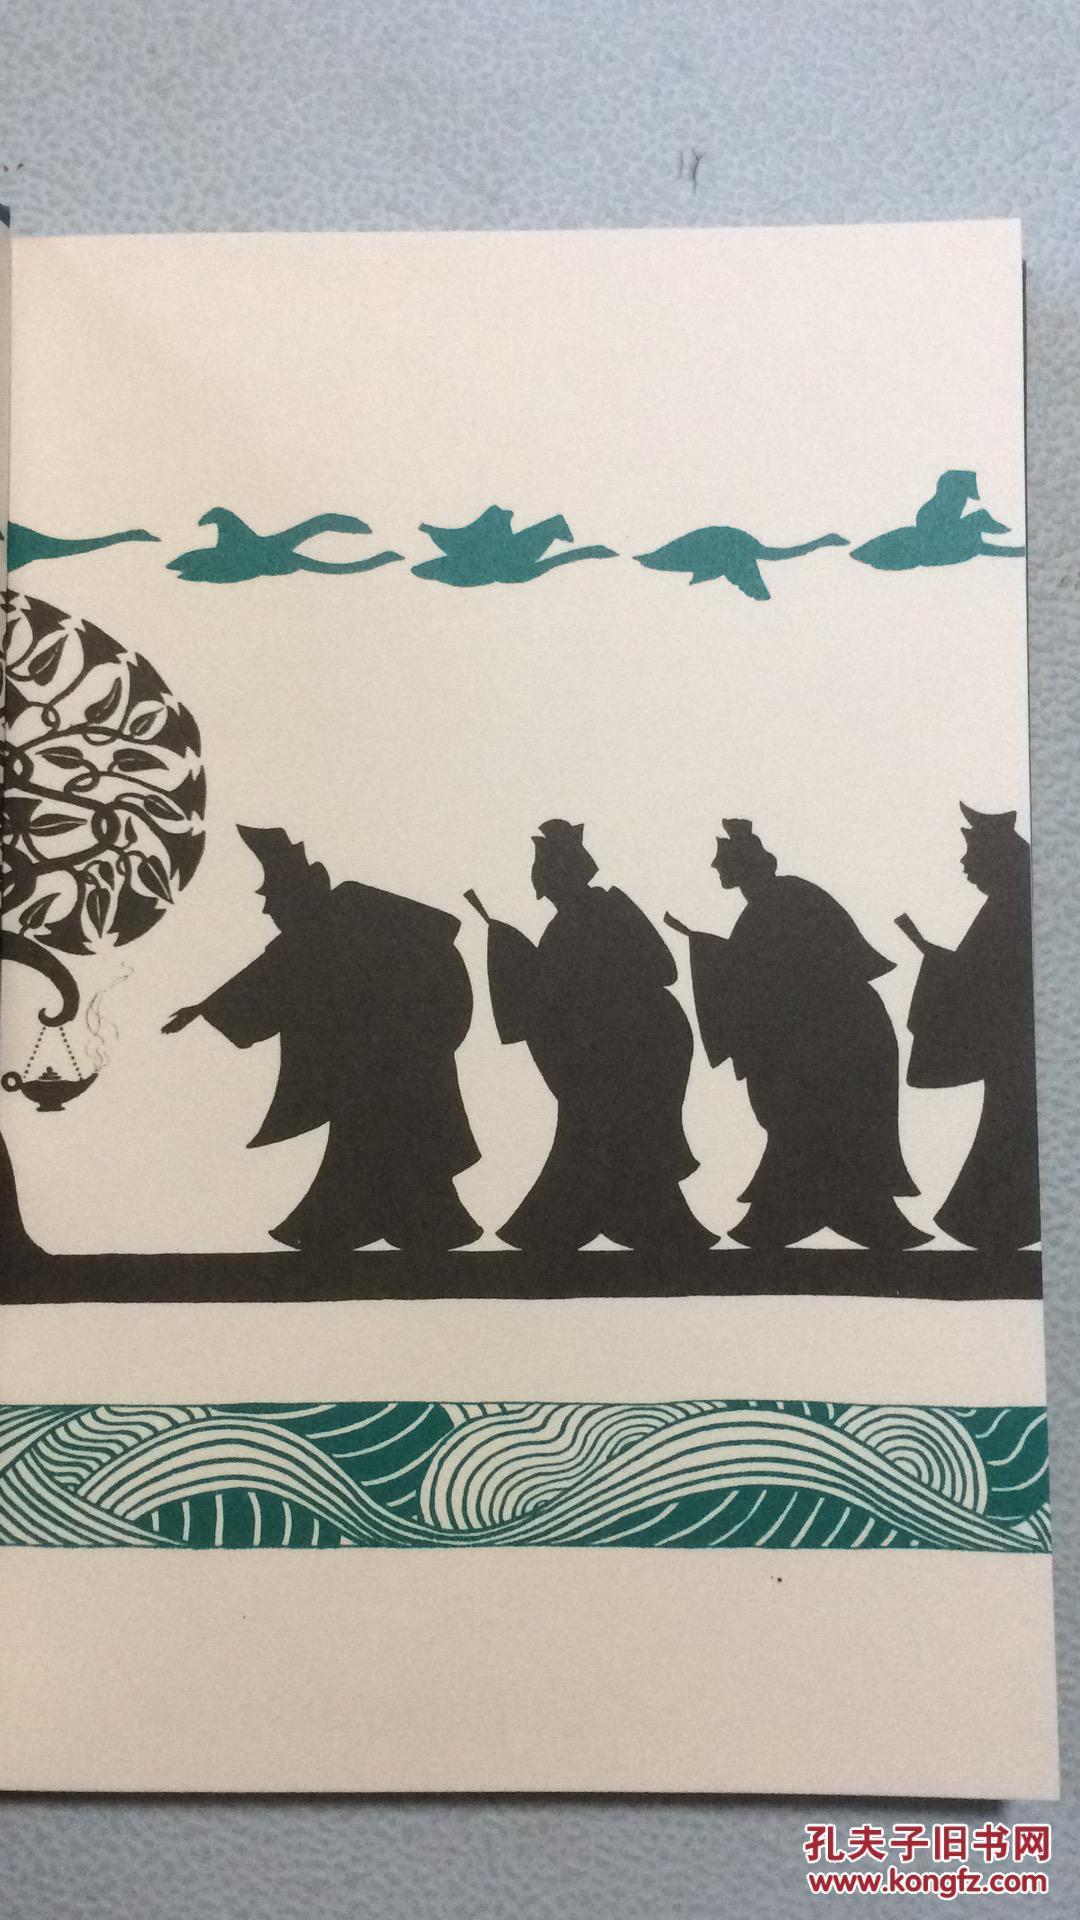 英文诗歌神灯体阿拉丁物理AladdinandHisWv诗歌八原版年级教学设计图片